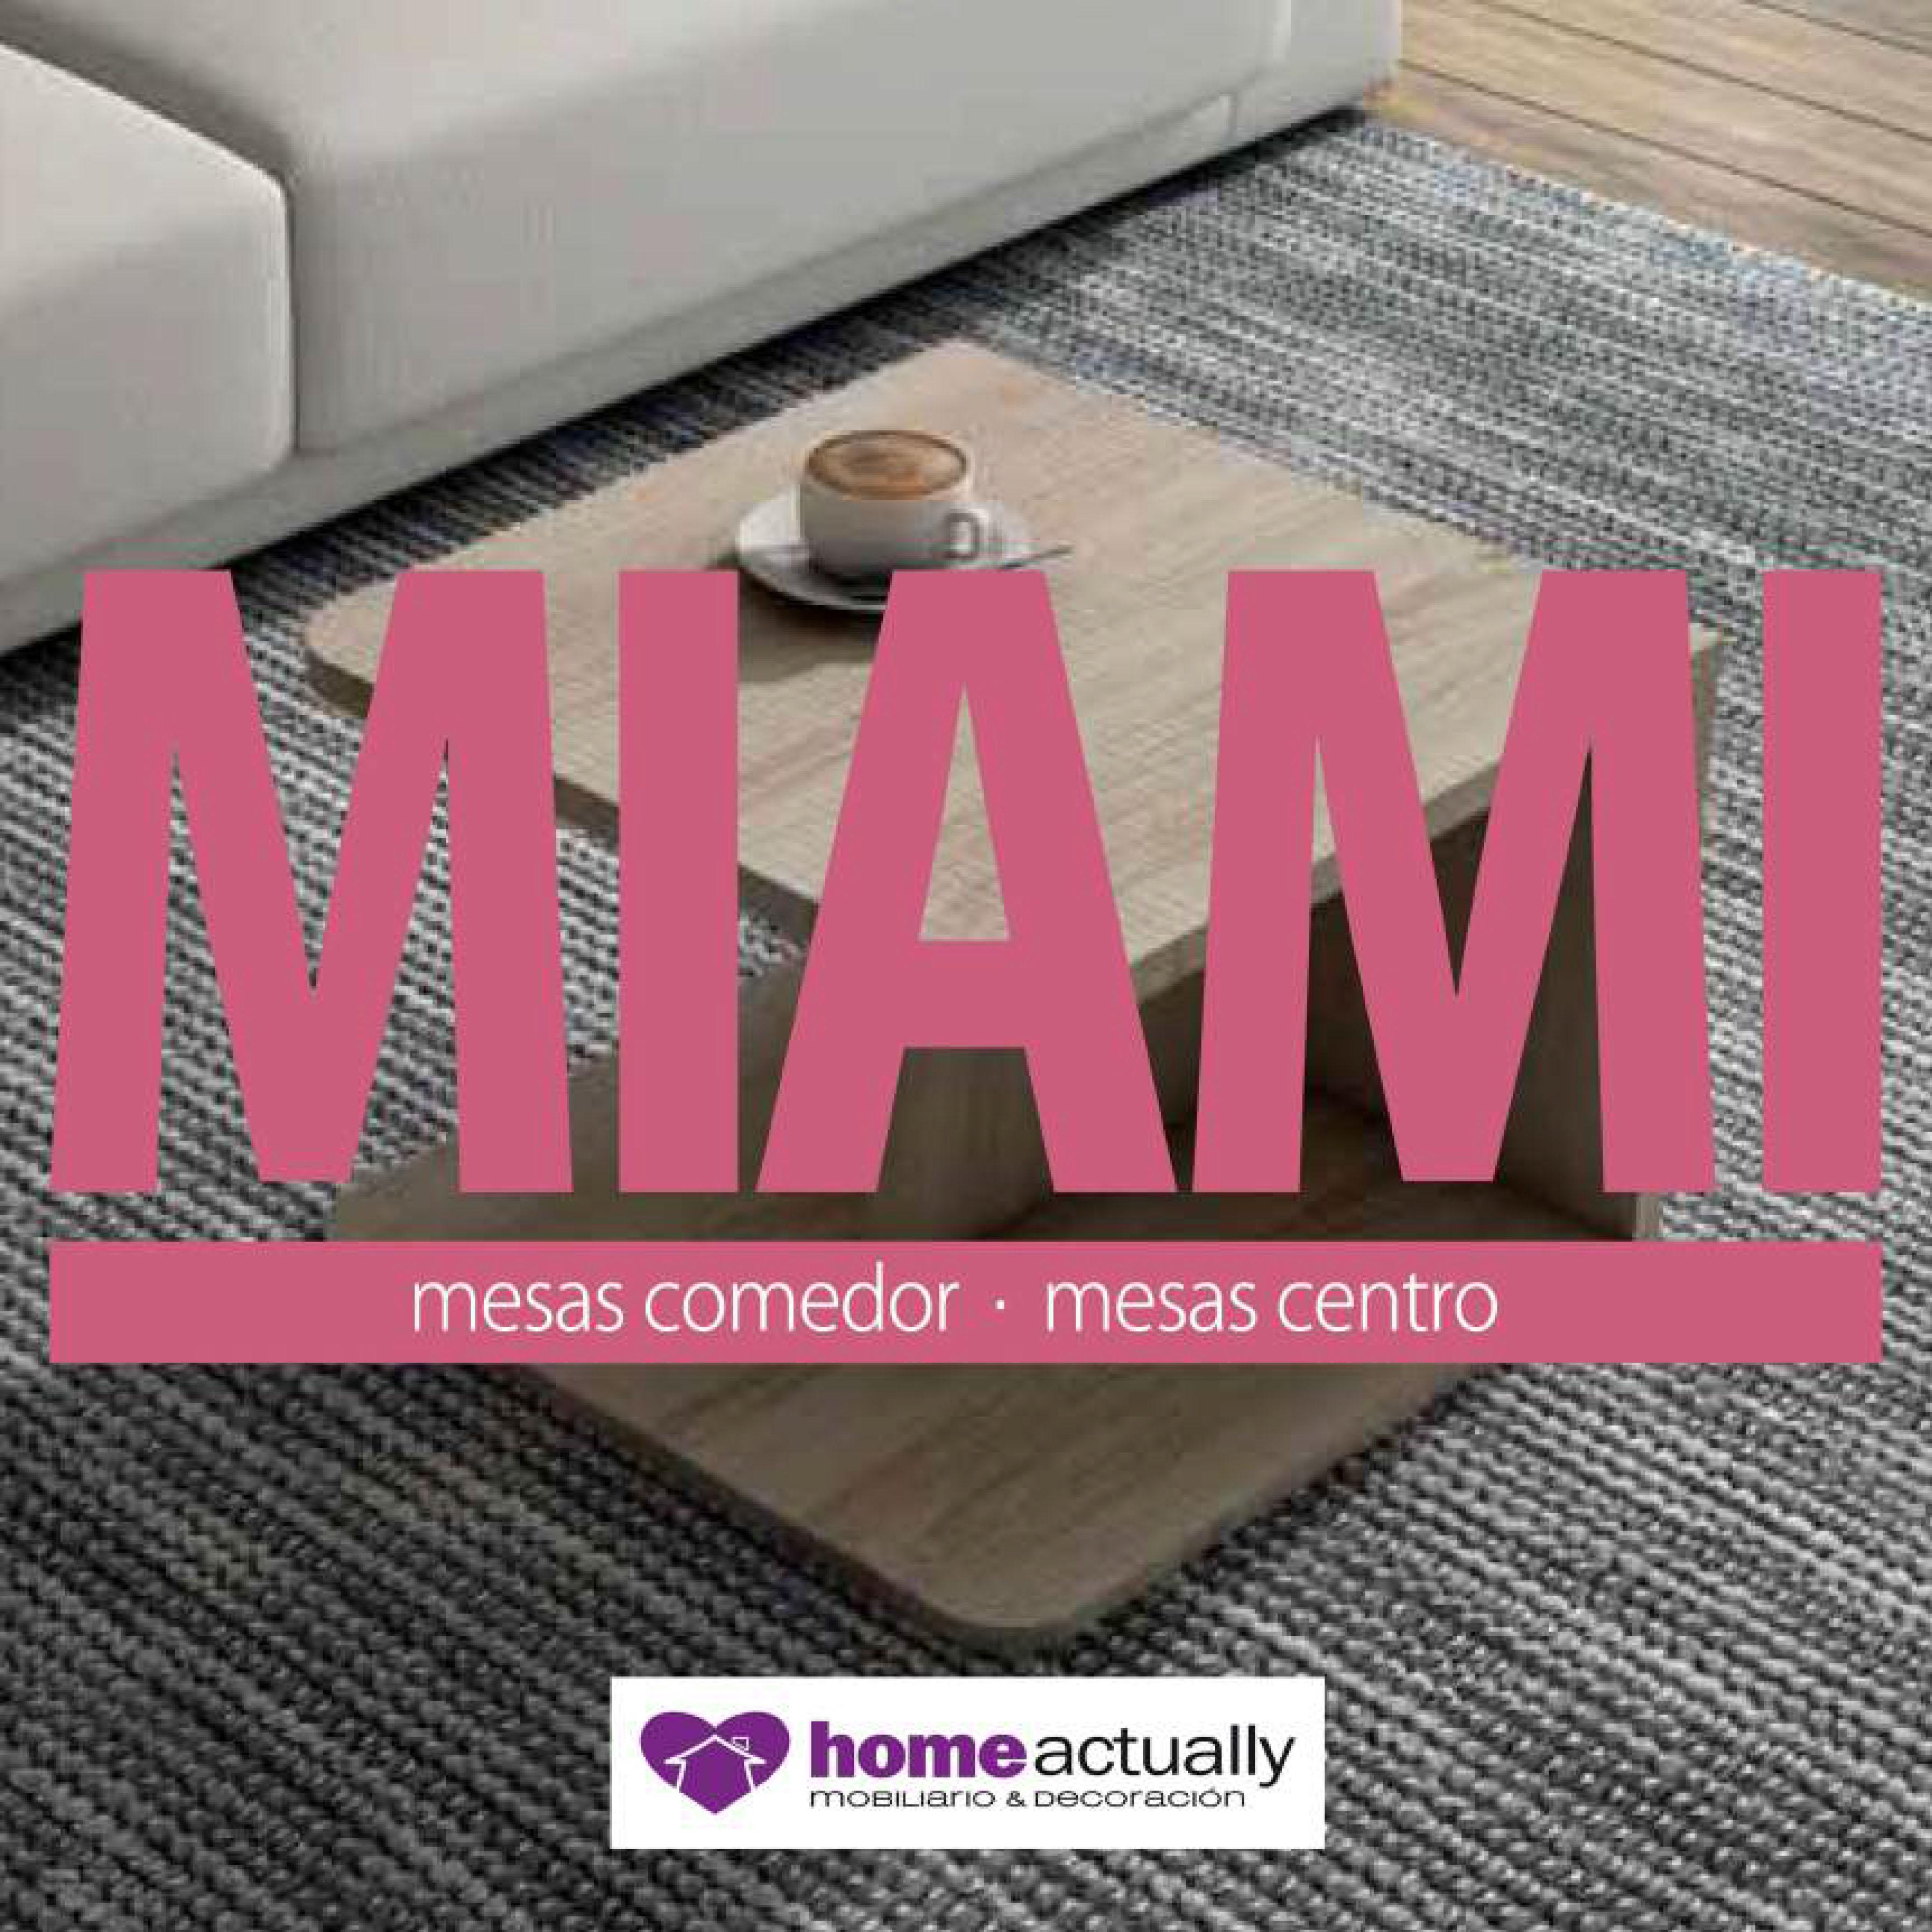 Mesas Miami